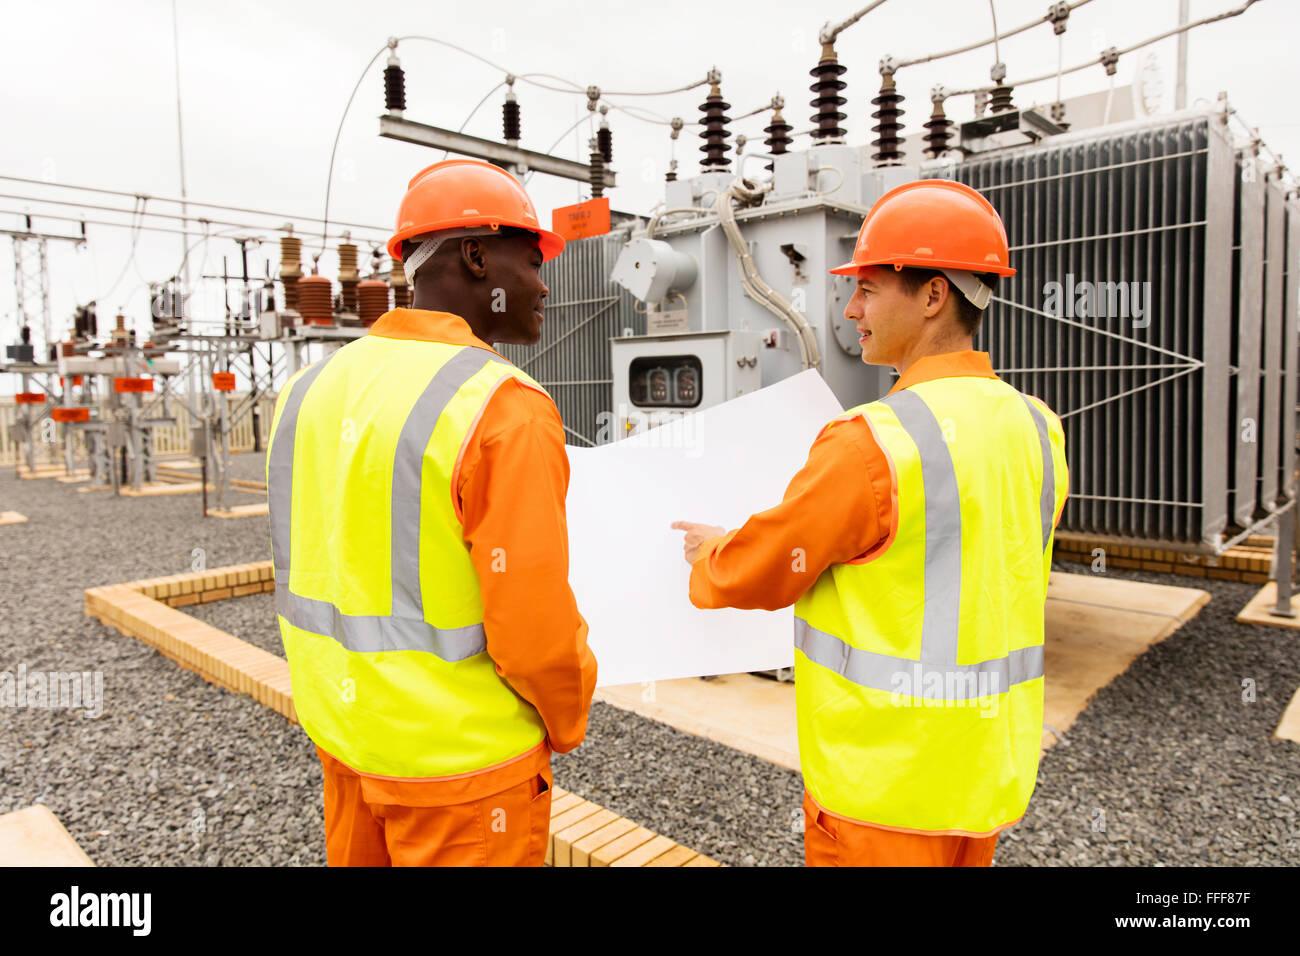 Rückansicht der macht Unternehmen Elektriker arbeiten zusammen im Umspannwerk Stockfoto